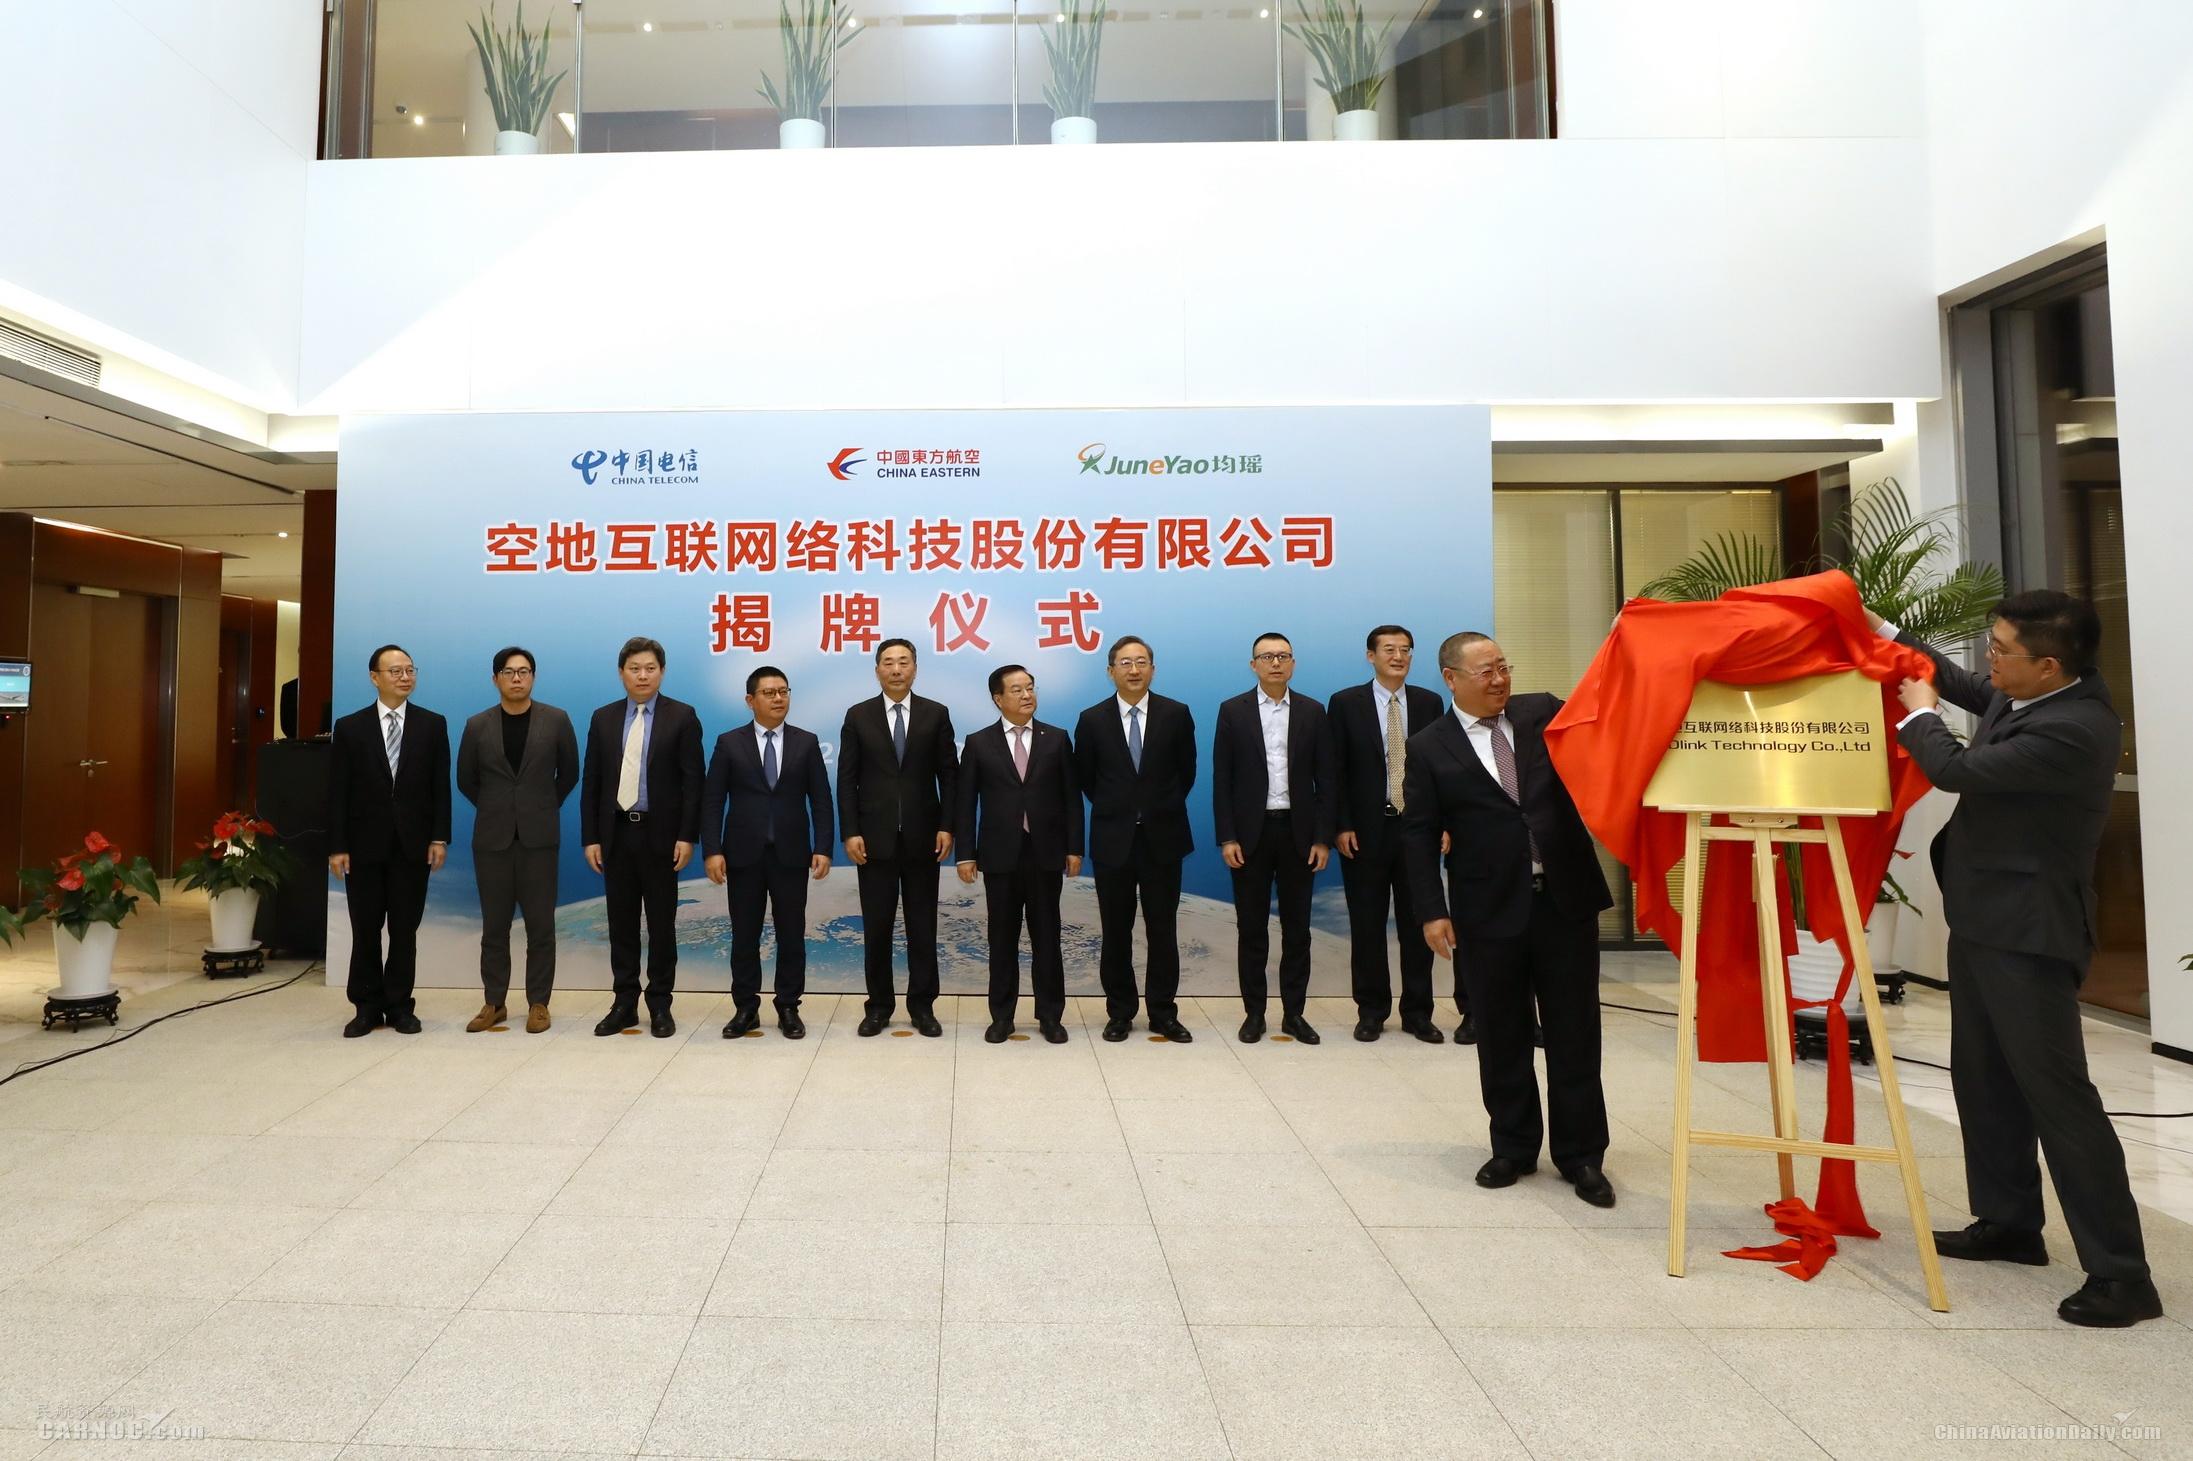 全球首家!东航与中国电信、均瑶集团合资成立空地互联公司